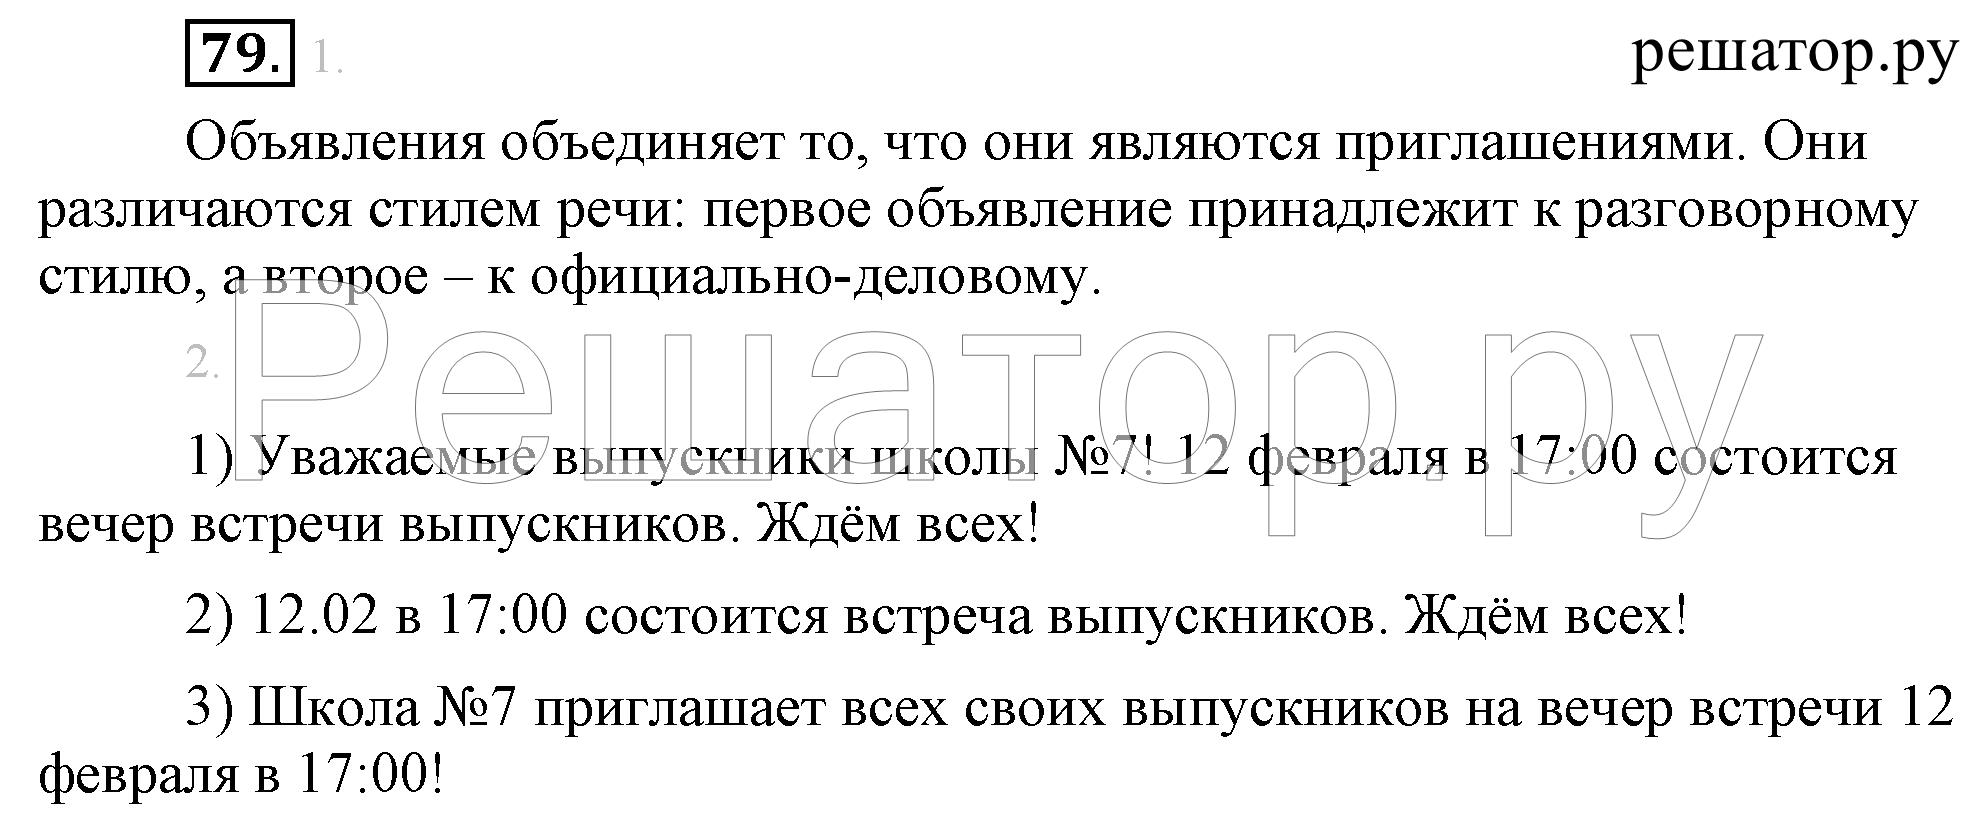 Гдз по русскому языку 5 класс львова львов 1 часть 2018 онлайн